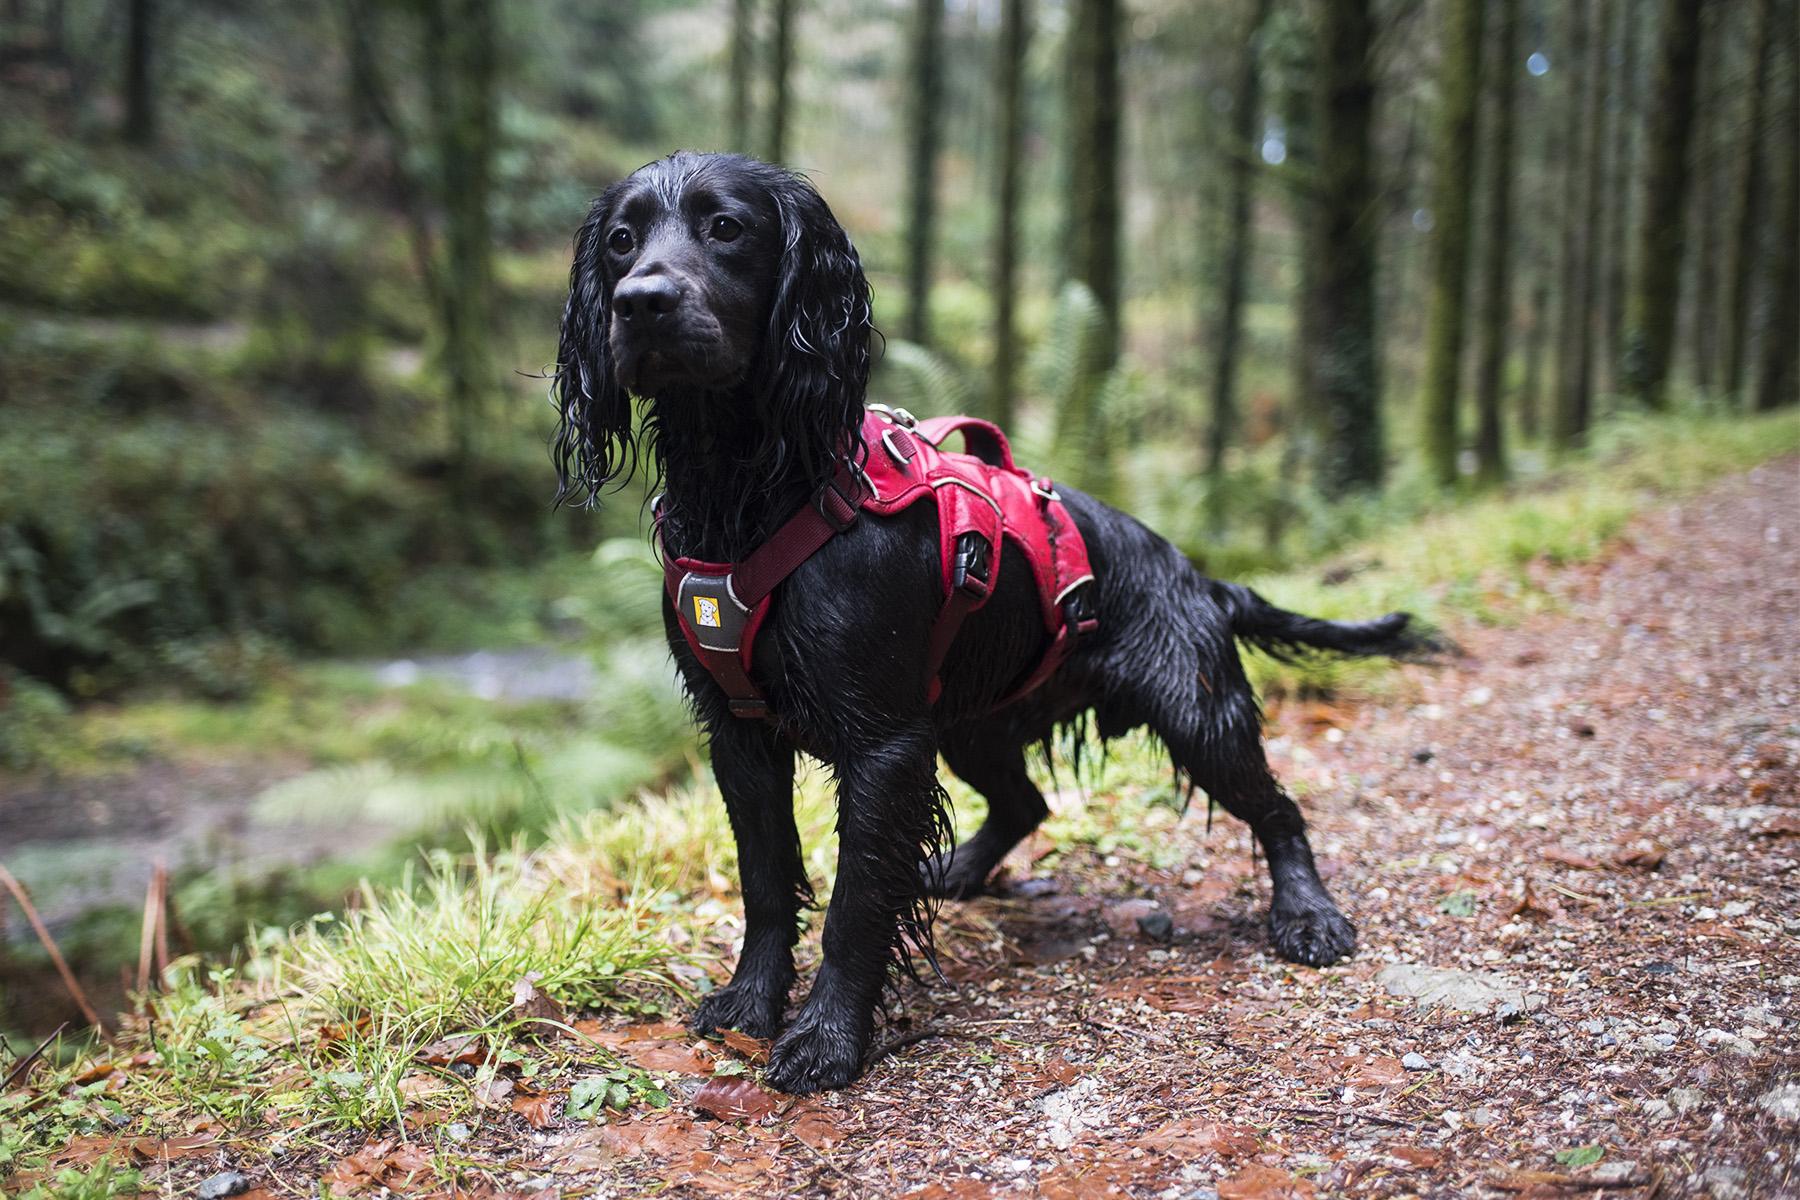 Ruffwear Webmaster Harness | The Cornish Dog